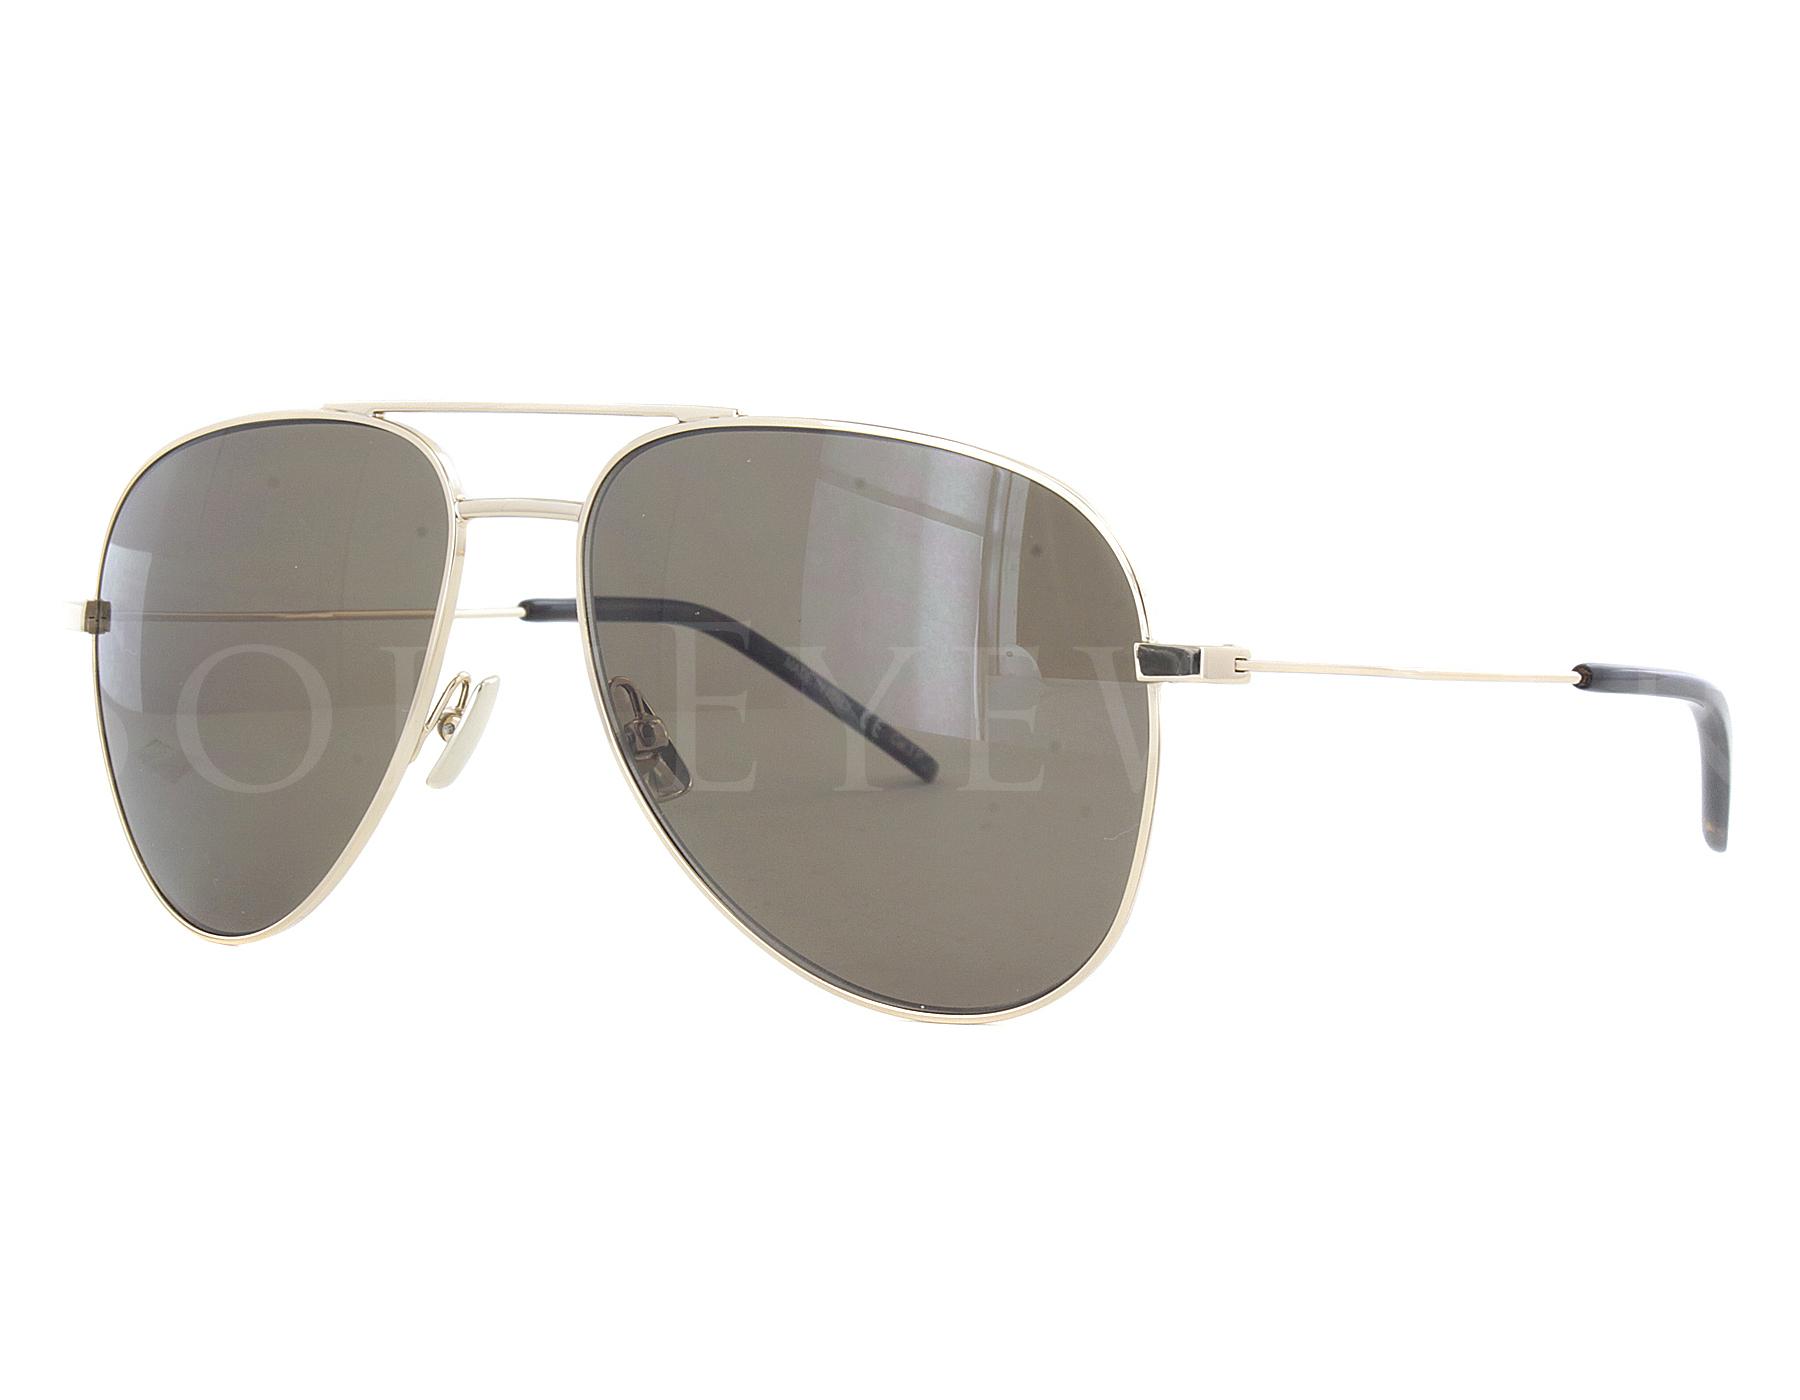 e7b565c7d1ce3 Details about NEW Yves Saint Laurent CLASSIC 11 014 55mm Gold   Brown  Sunglasses